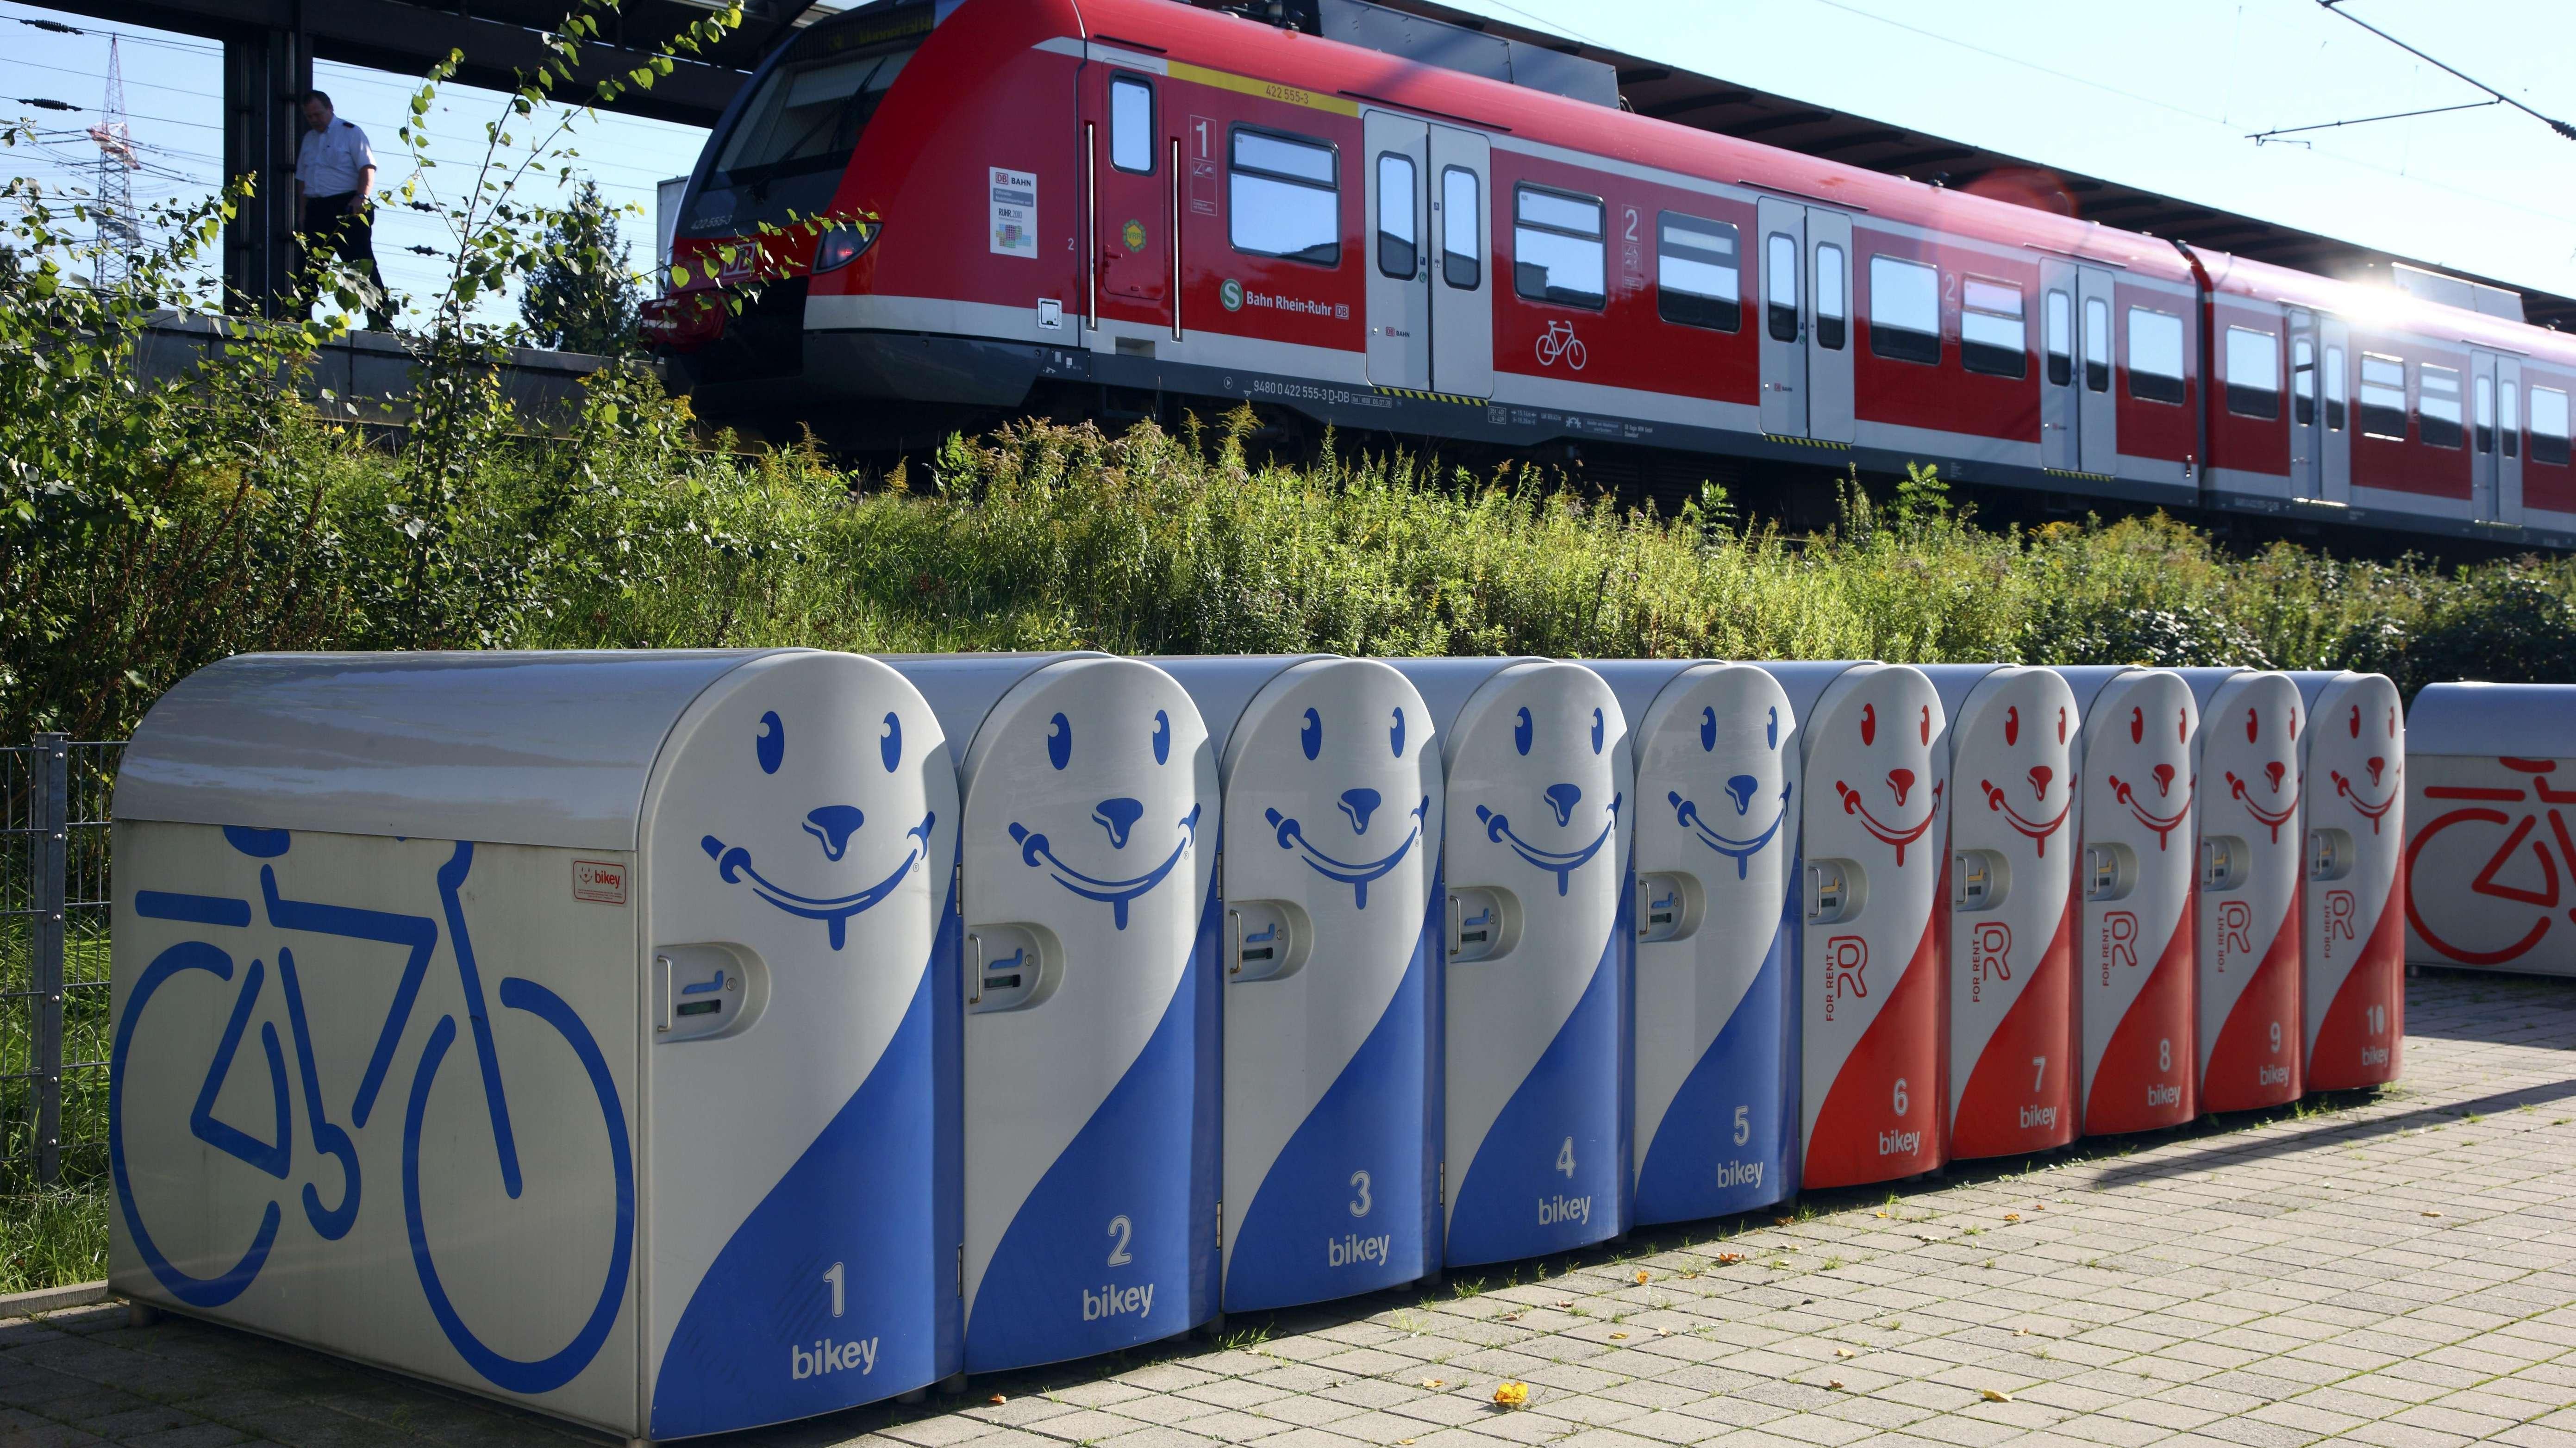 Einstellboxen zum Mieten für sicheres Parken von Fahrrädern